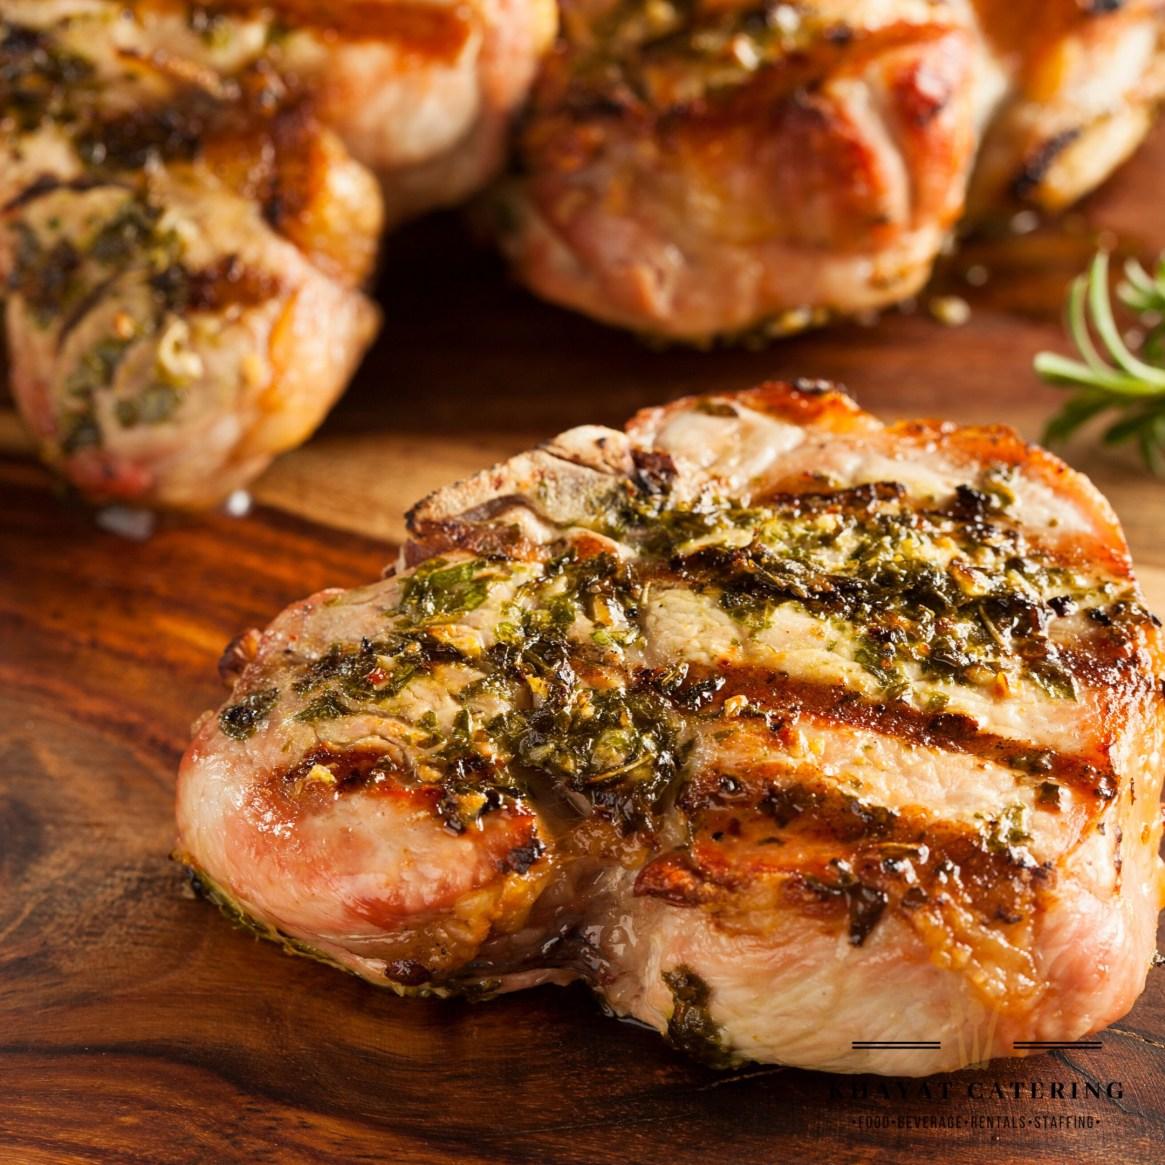 Khayat Catering center cut pork chop